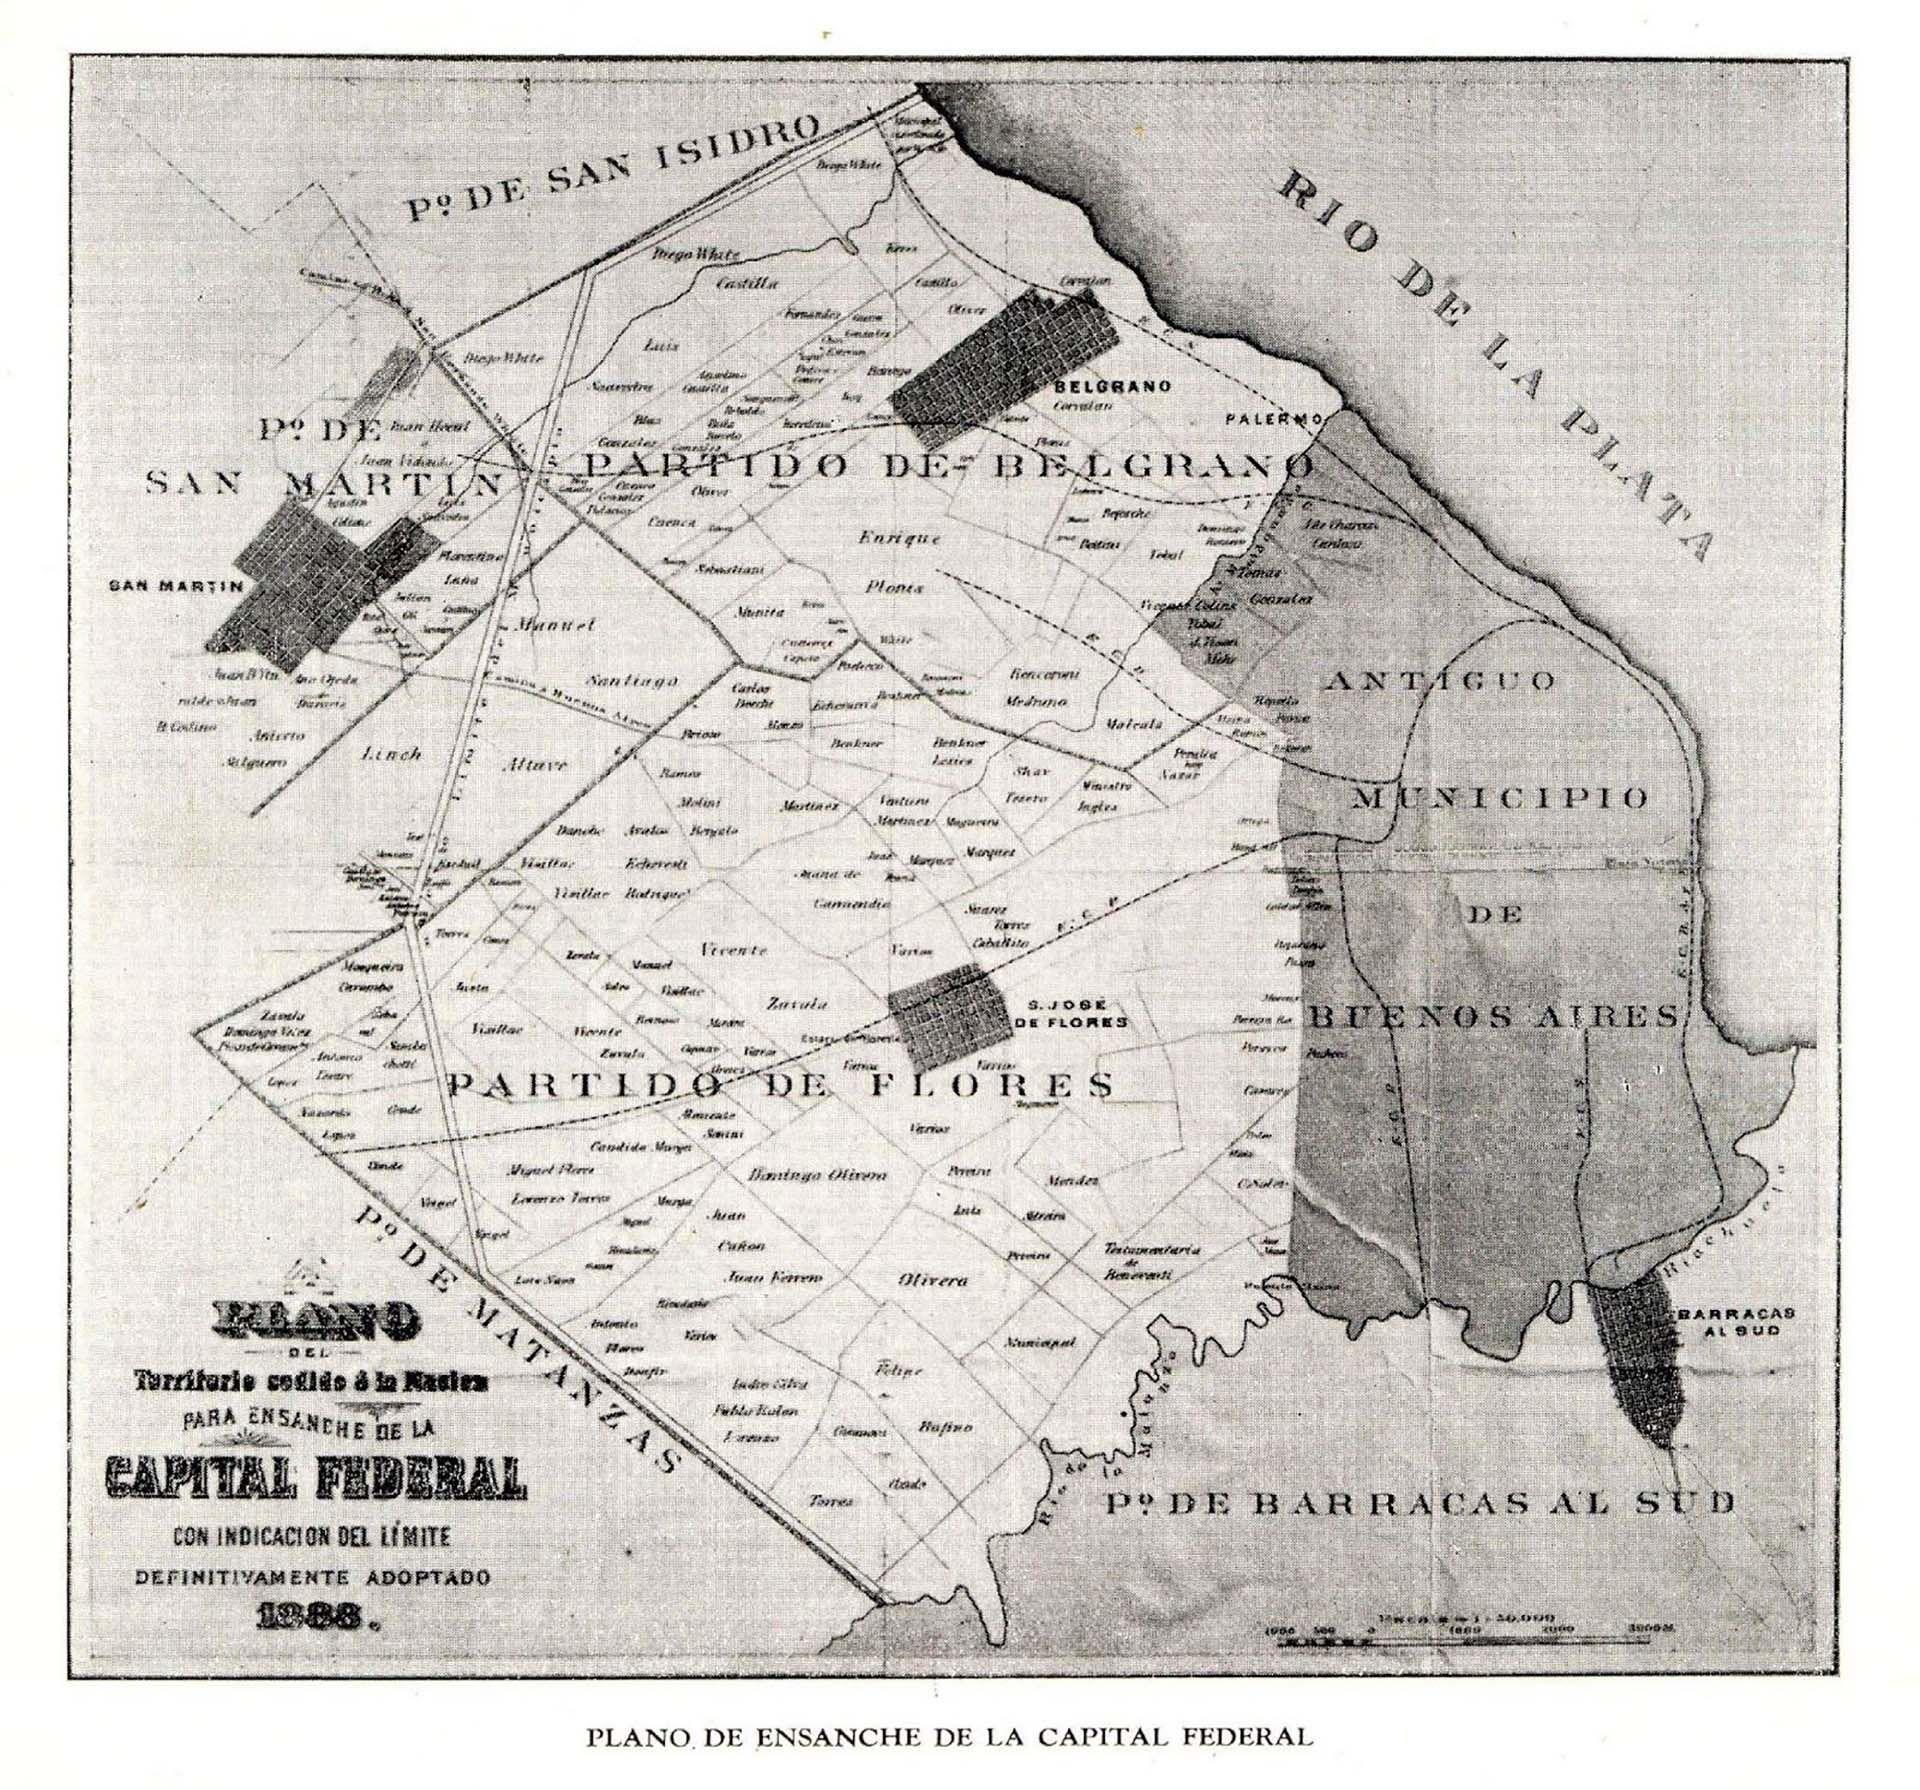 La Ciudad en su faz decimonónica junto a los pueblos de Flores y Belgrano, que luego se anexaron.